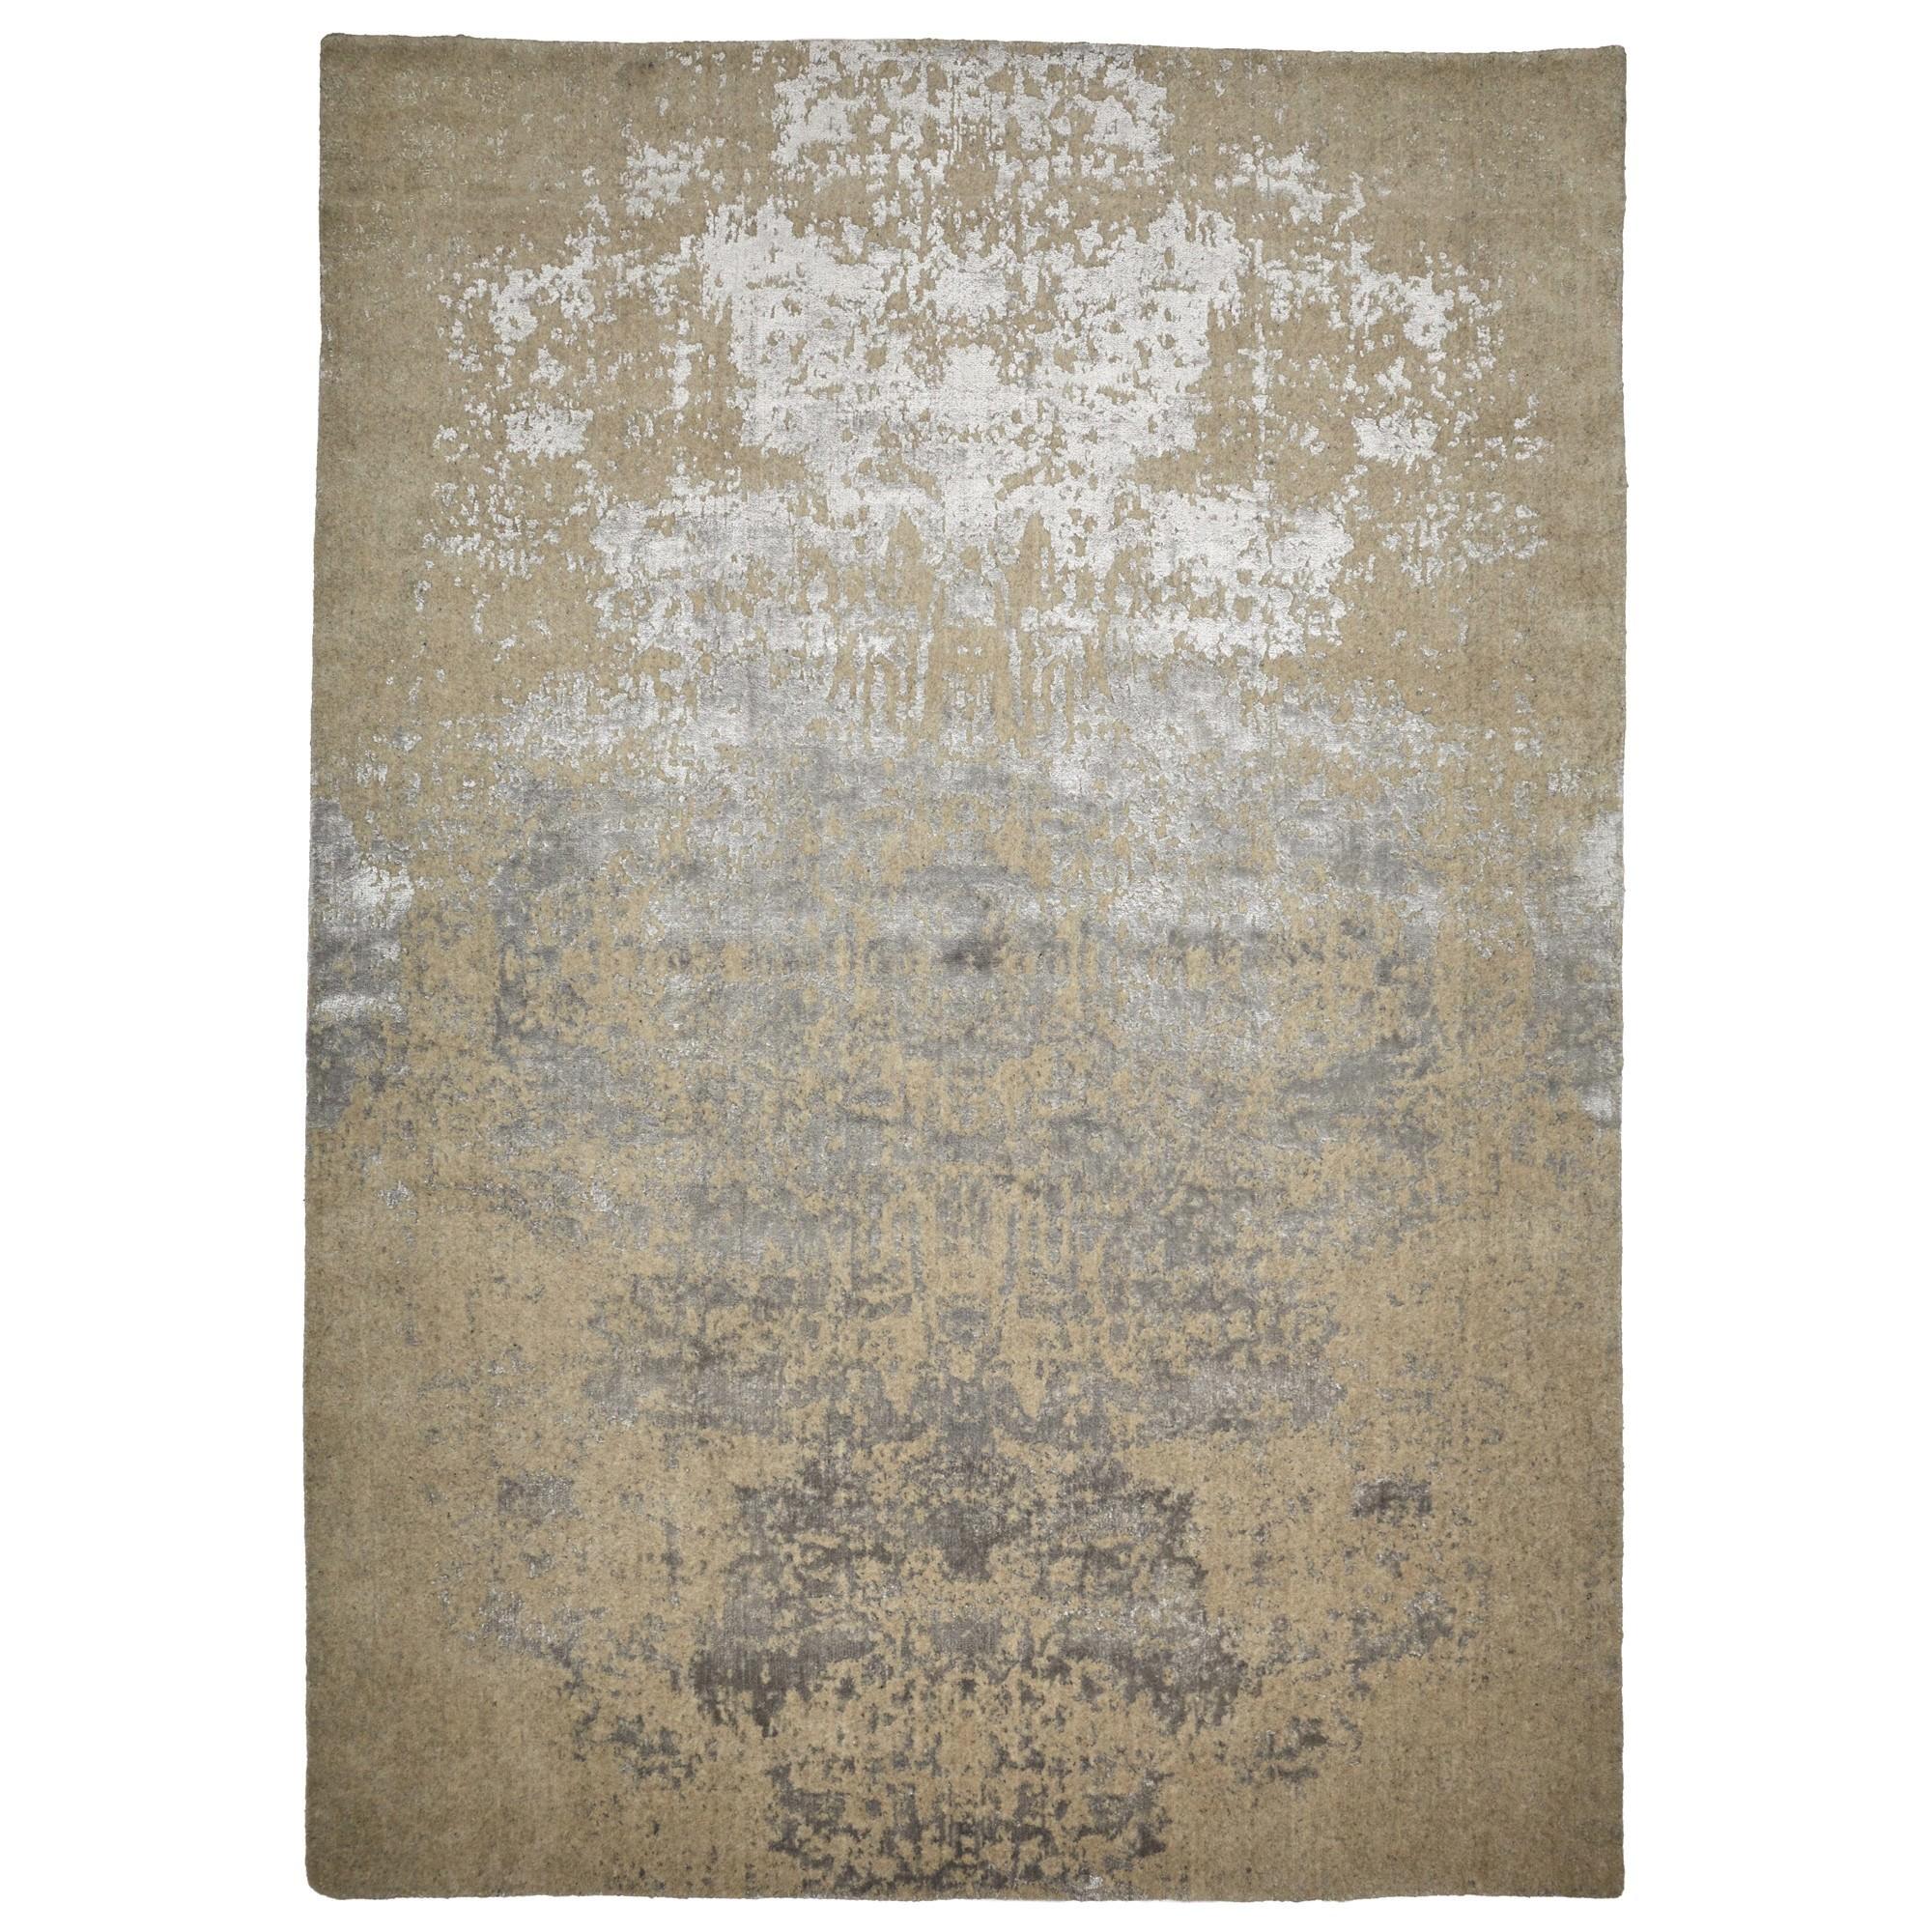 Vienna No.047 Handmade Wool Transitional Rug, 160x110cm, Beige